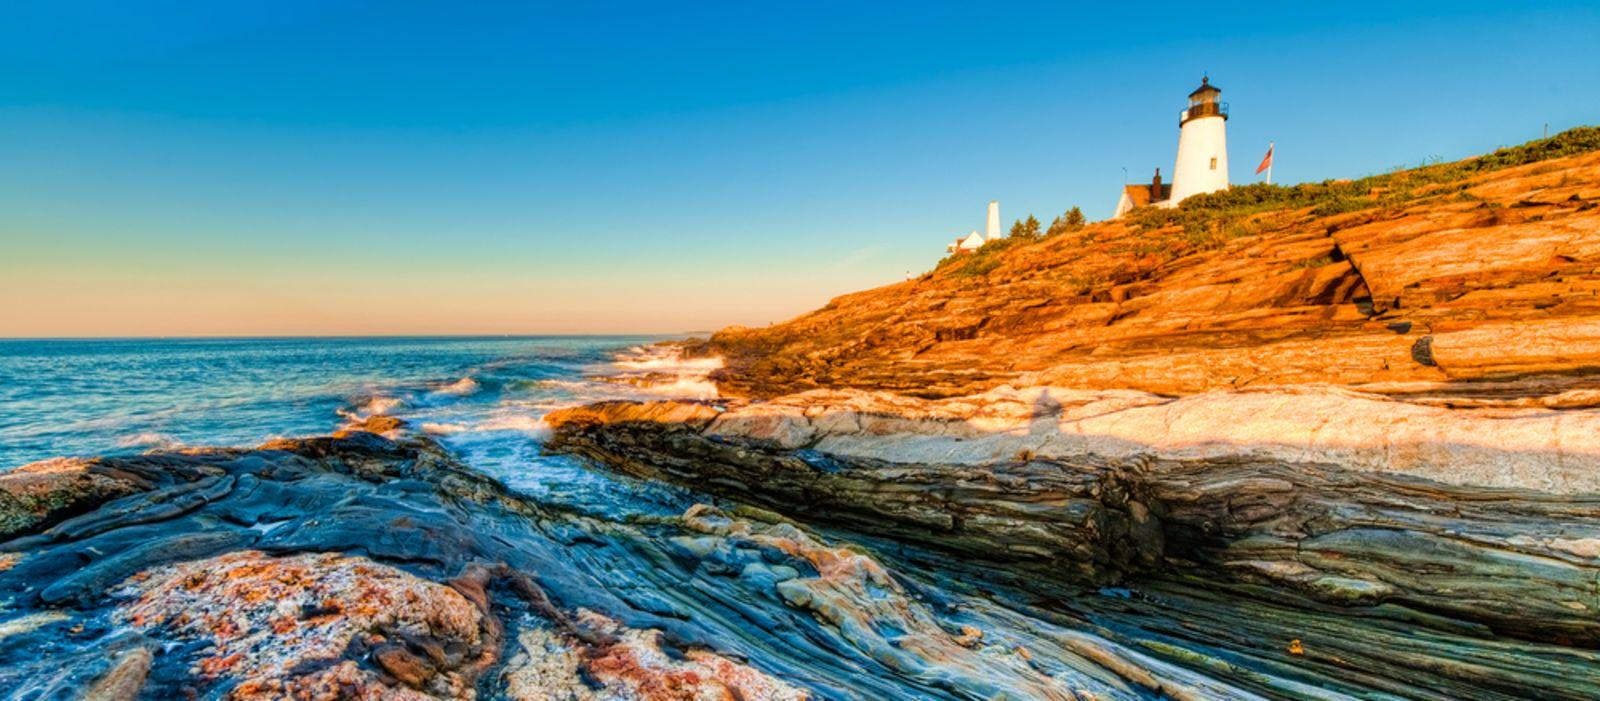 Pemaquid Point Leuchtturm in Maine